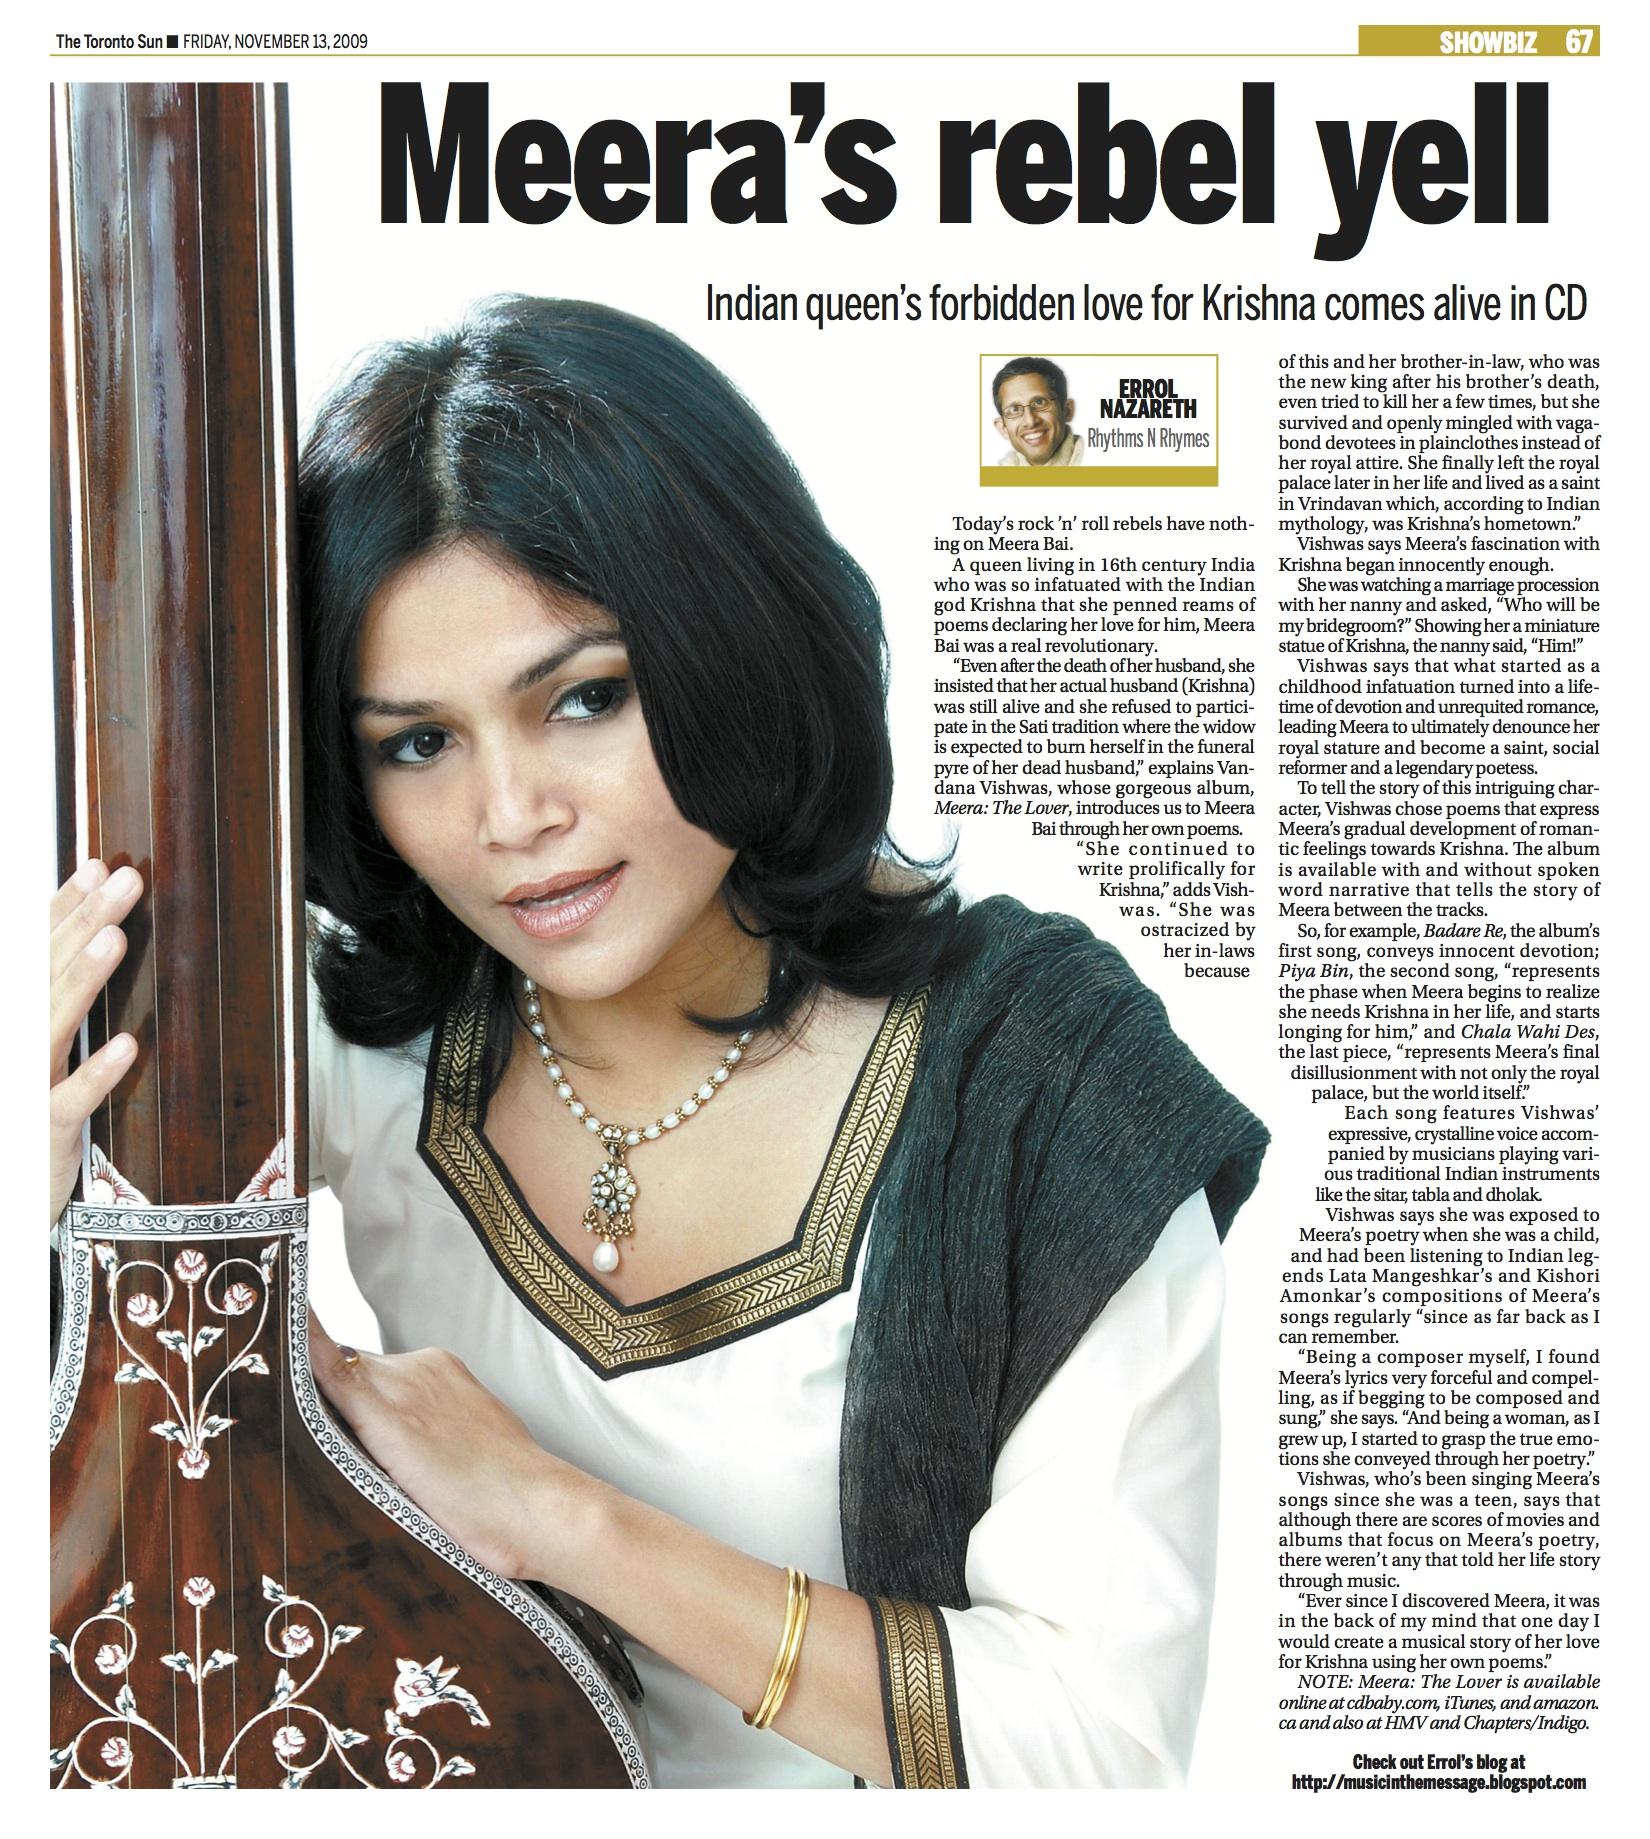 Vandana Vishwas - Nov 13-09 The Toronto Sun copy.jpg